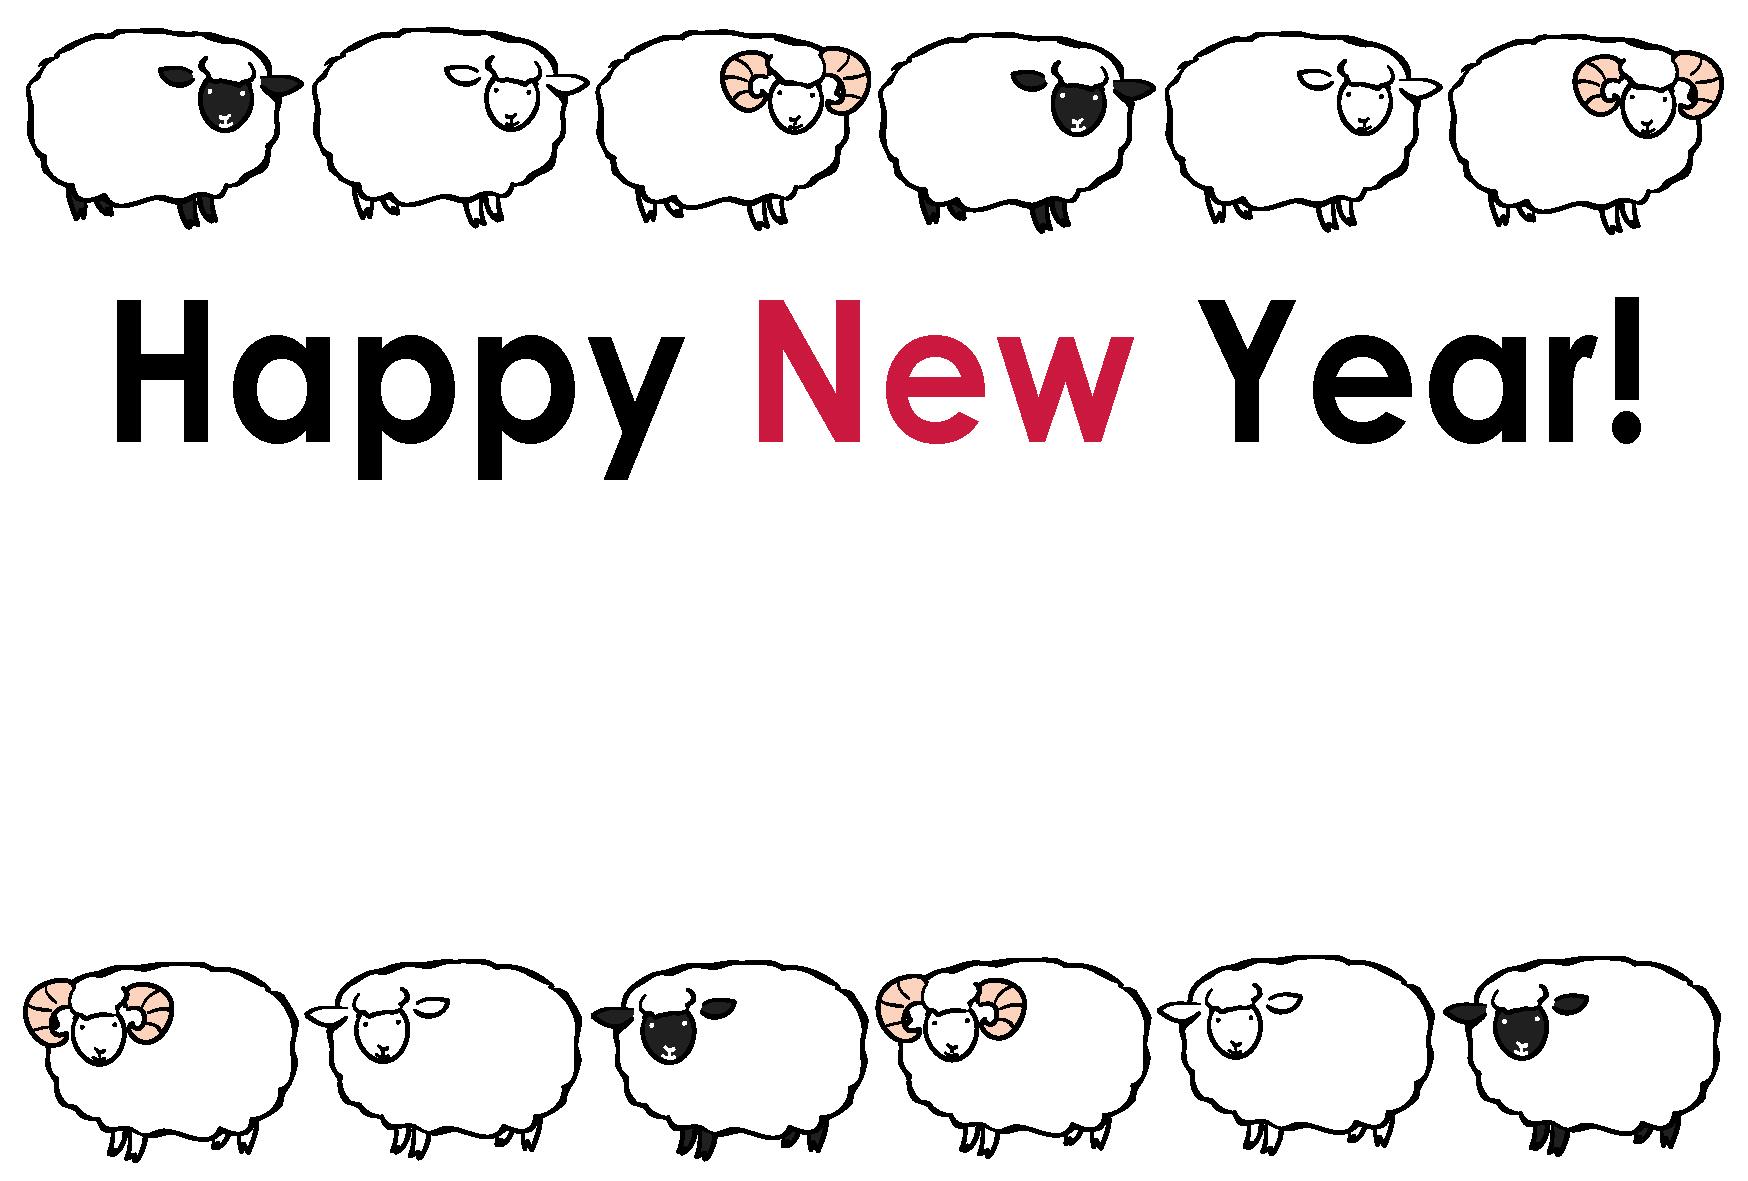 ... 年賀状テンプレート「2015未 : 羊 年賀状 テンプレート : 年賀状